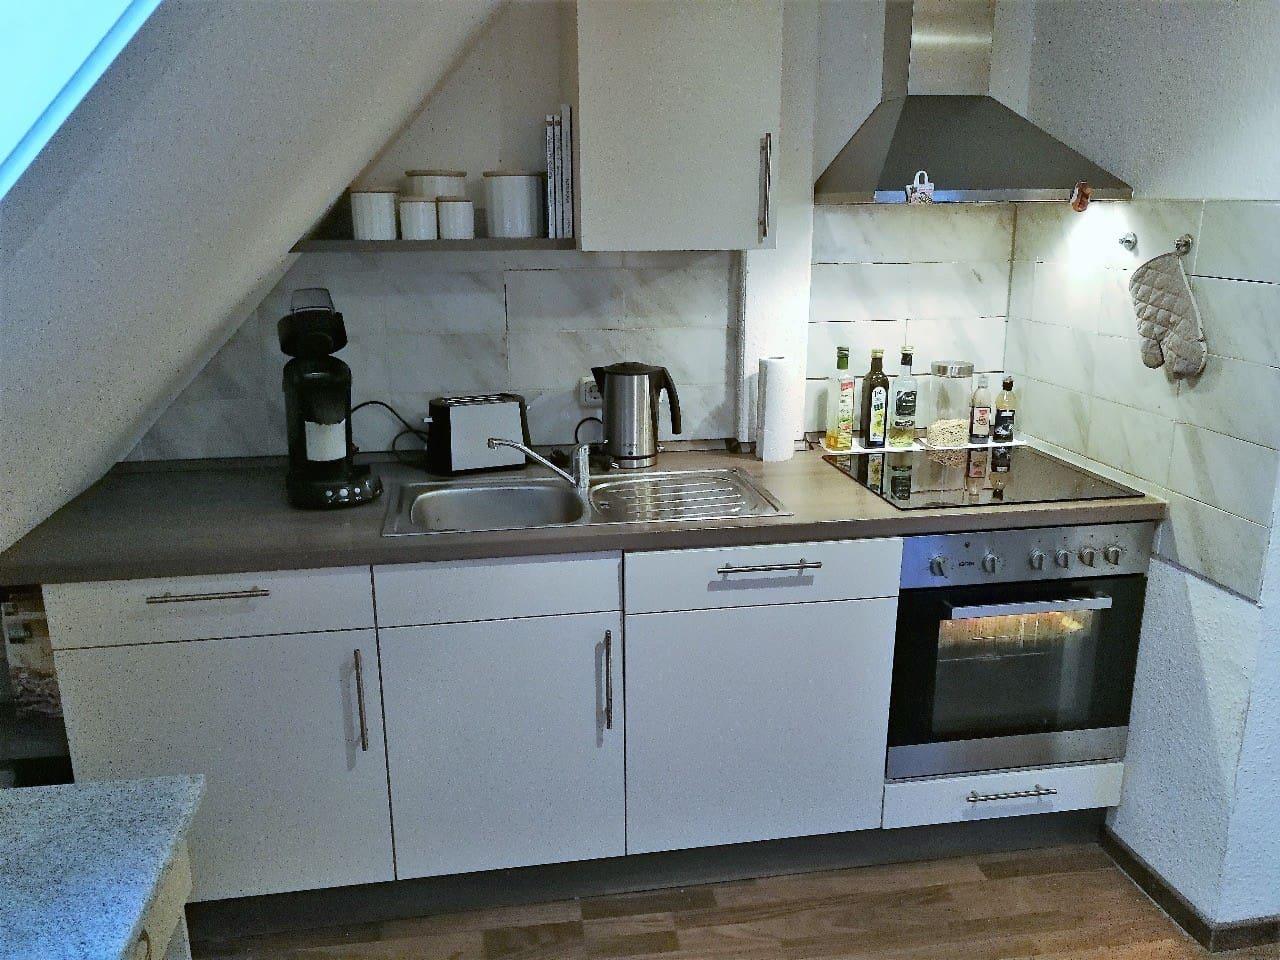 Unsere Küche mit Spülmaschine